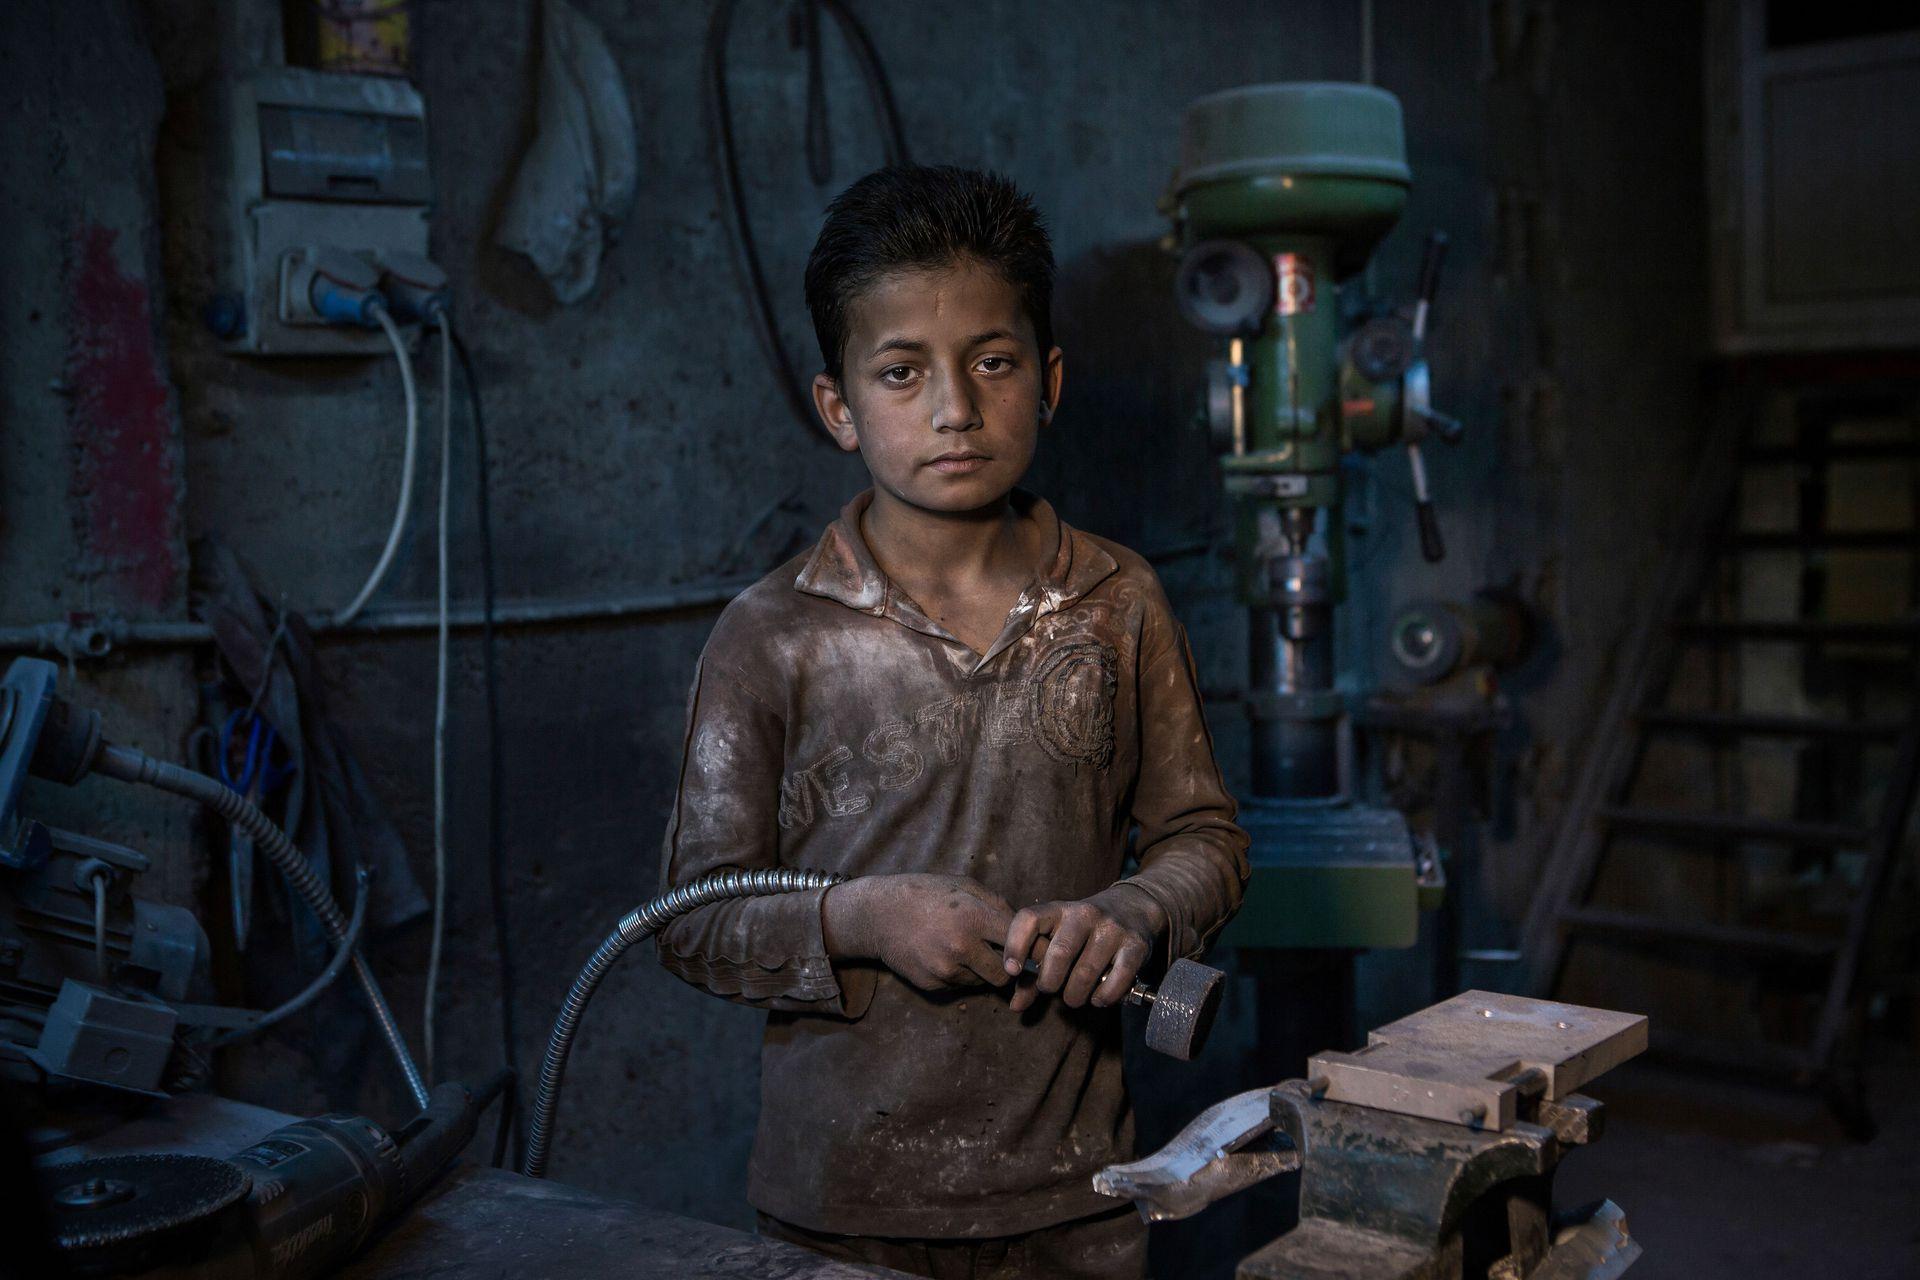 foto van jongetje kinderarbeid in Turkije door fotograaf Cigdem Yuksel